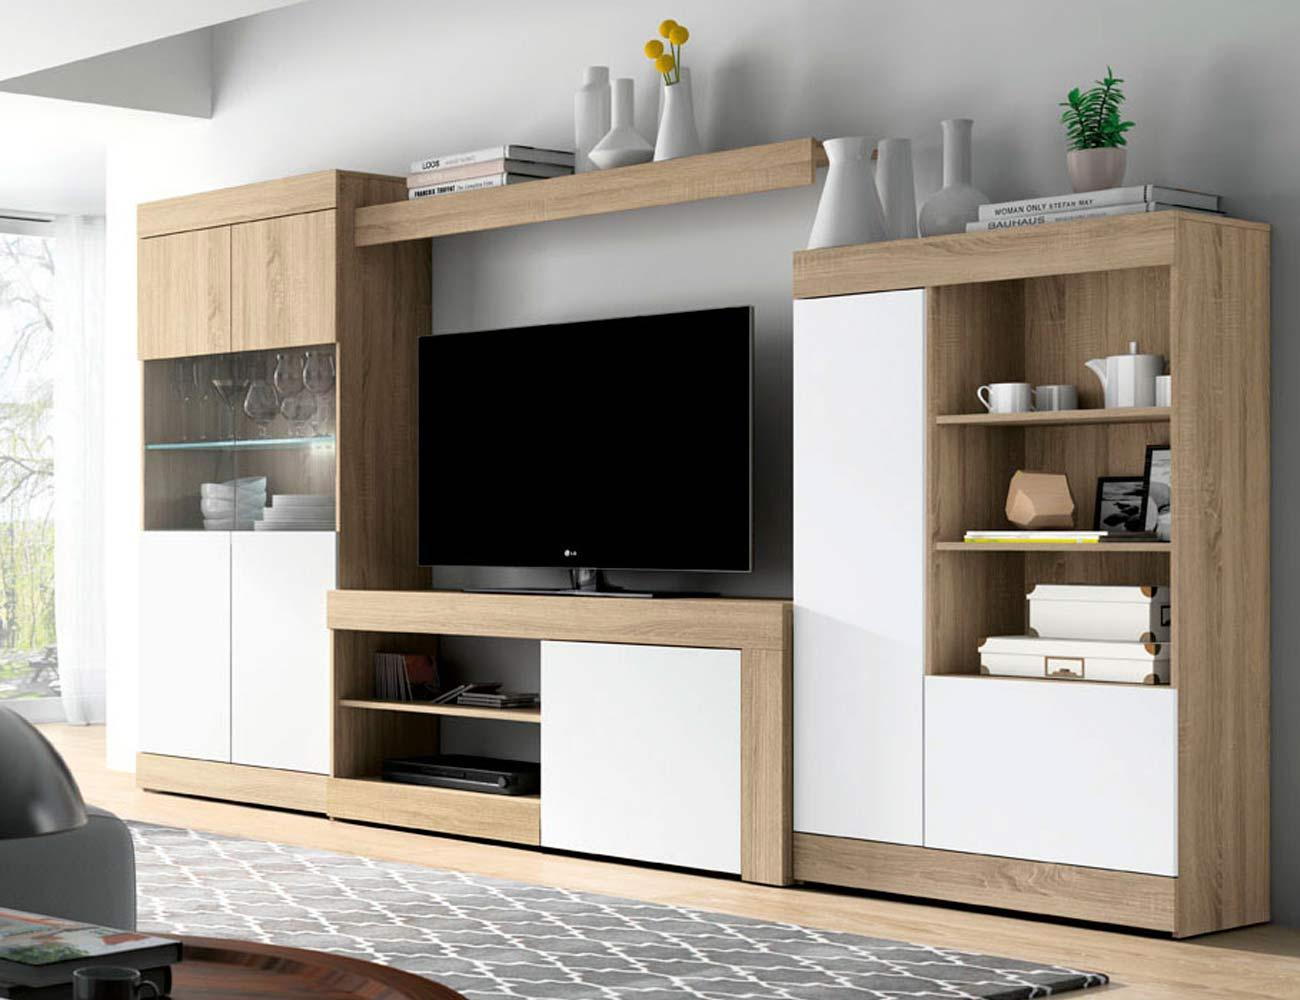 Mueble de sal n comedor estilo moderno en cambrian con for Mueble salon moderno